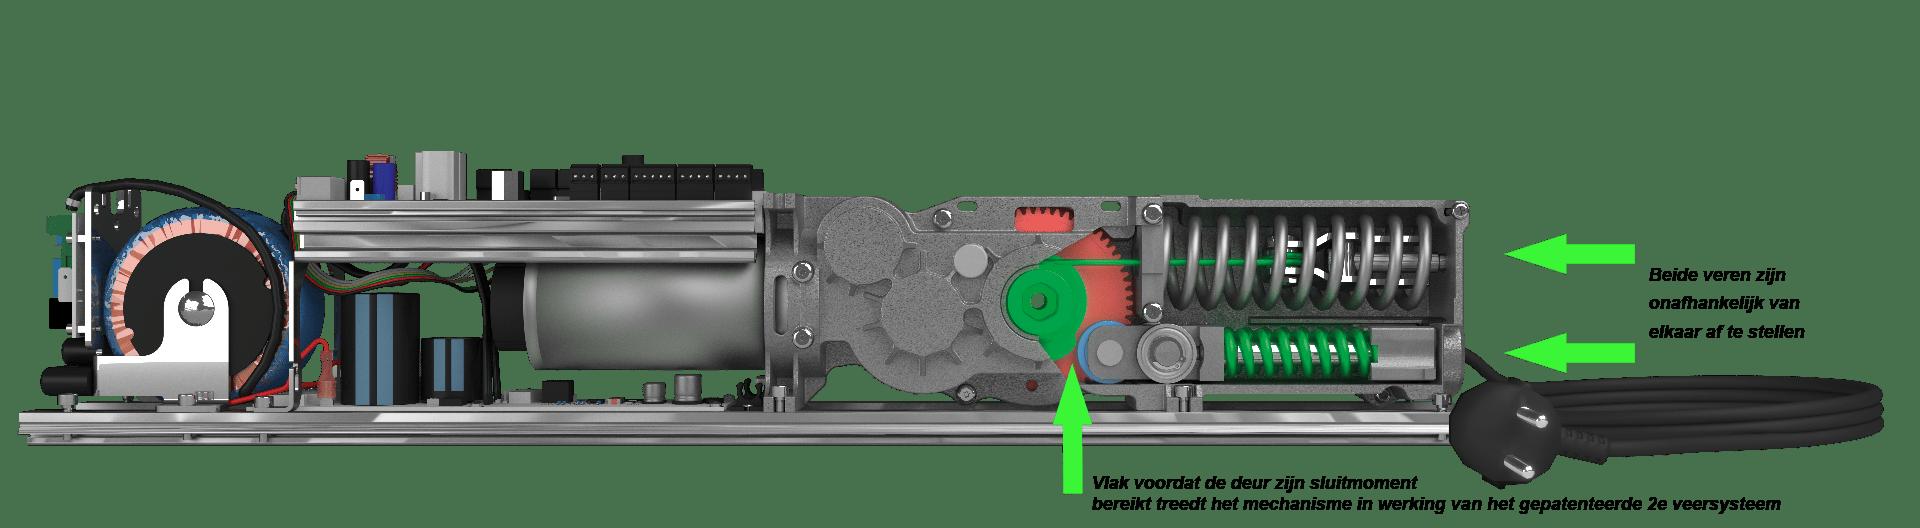 DTN 80 gepatenteerde dubbel veersysteem